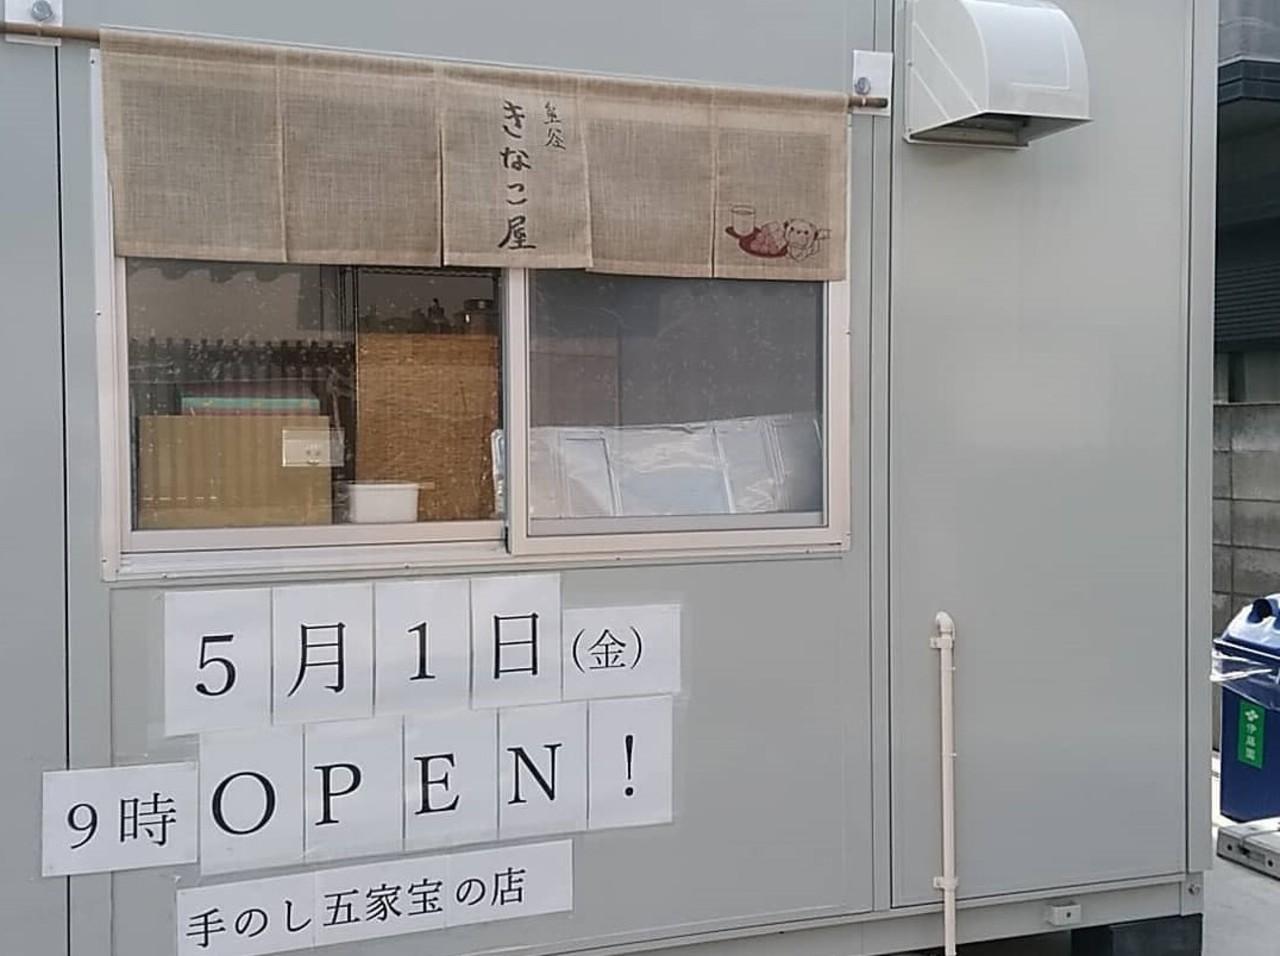 祝!5/1open『熊谷きなこ屋』(埼玉県熊谷市)